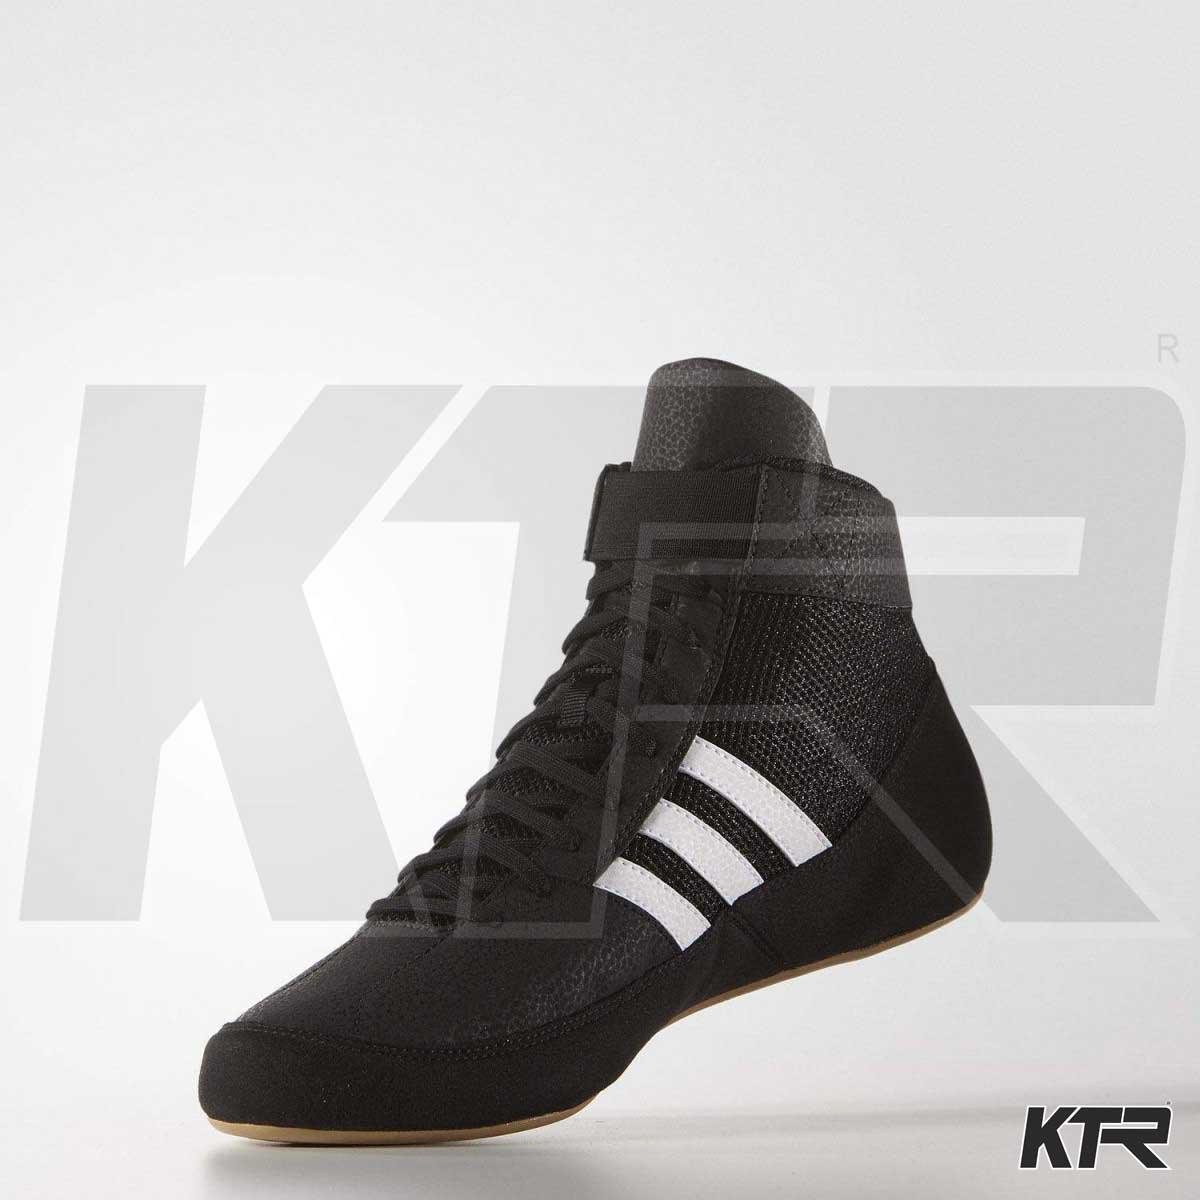 Wrestling Shoes'